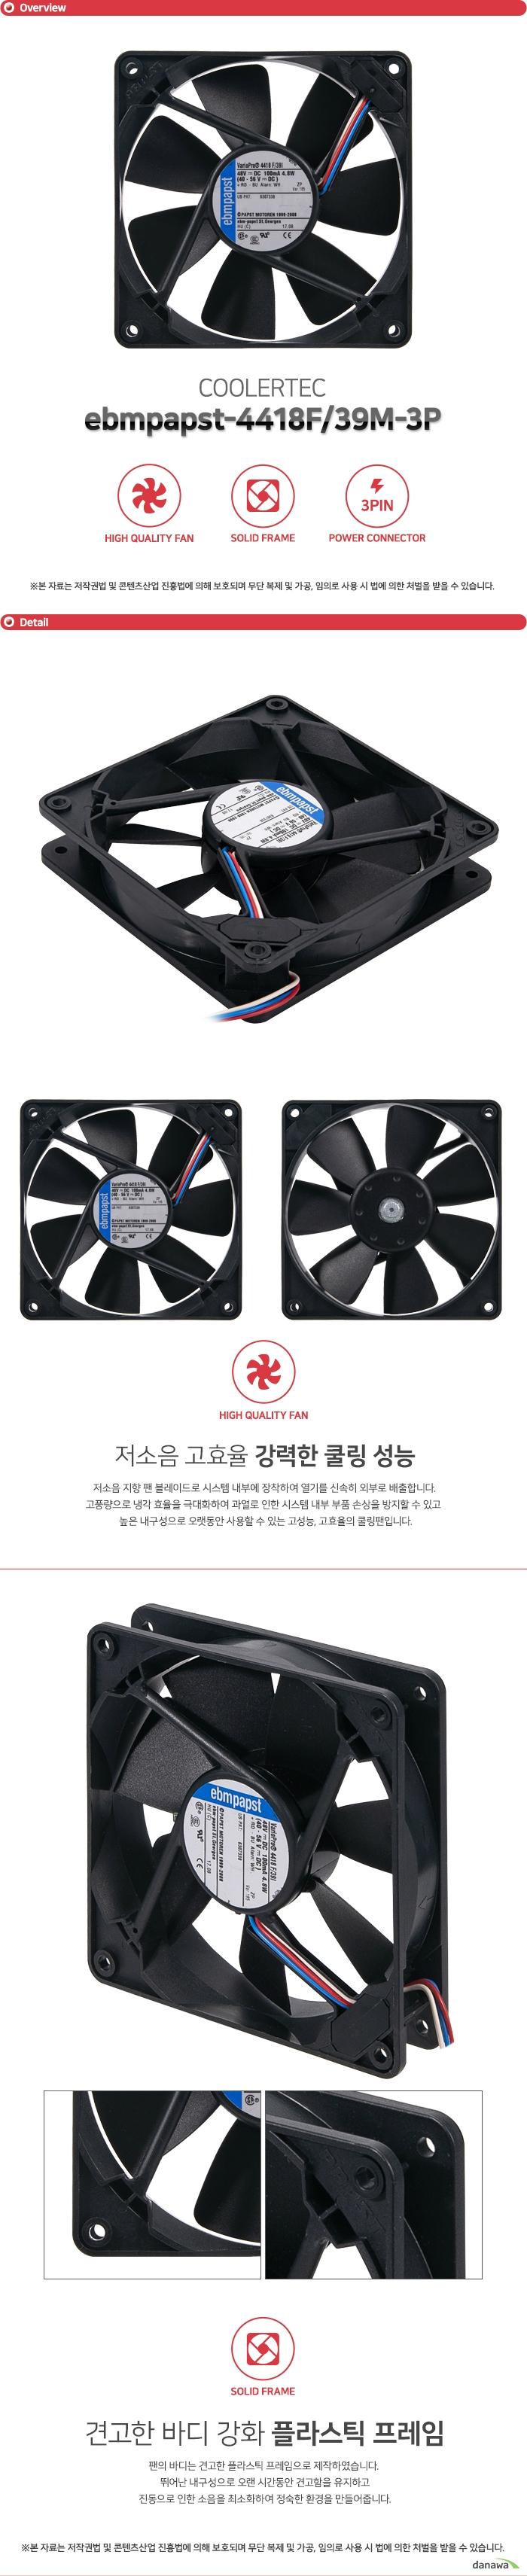 COOLERTEC ebmpapst-4418F/39M-3P 저소음 지향 팬 블레이드로 시스템 내부에 장착하여 열기를 신속히 외부로 배출합니다. 고풍량으로 냉각 효율을 극대화하여 과열로 인한 시스템 내부 부품 손상을 방지할 수 있고 높은 내구성으로 오랫동안 사용할 수 있는 고성능, 고효율의 쿨링팬입니다. 팬의 바디는 견고한 플라스틱 프레임으로 제작하였습니다. 뛰어난 내구성으로 오랜 시간동안 견고함을 유지하고 진동으로 인한 소음을 최소화하여 정숙한 환경을 만들어줍니다. 메인보드나 파워 서플라이 커넥터에 자유롭게 이용할 수 있도록 3핀 전원 커넥터를 지원합니다. 뛰어난 호환성으로 모든 시스템에 사용 가능하며 팬에 설정된 최적의 RPM으로 동작합니다.